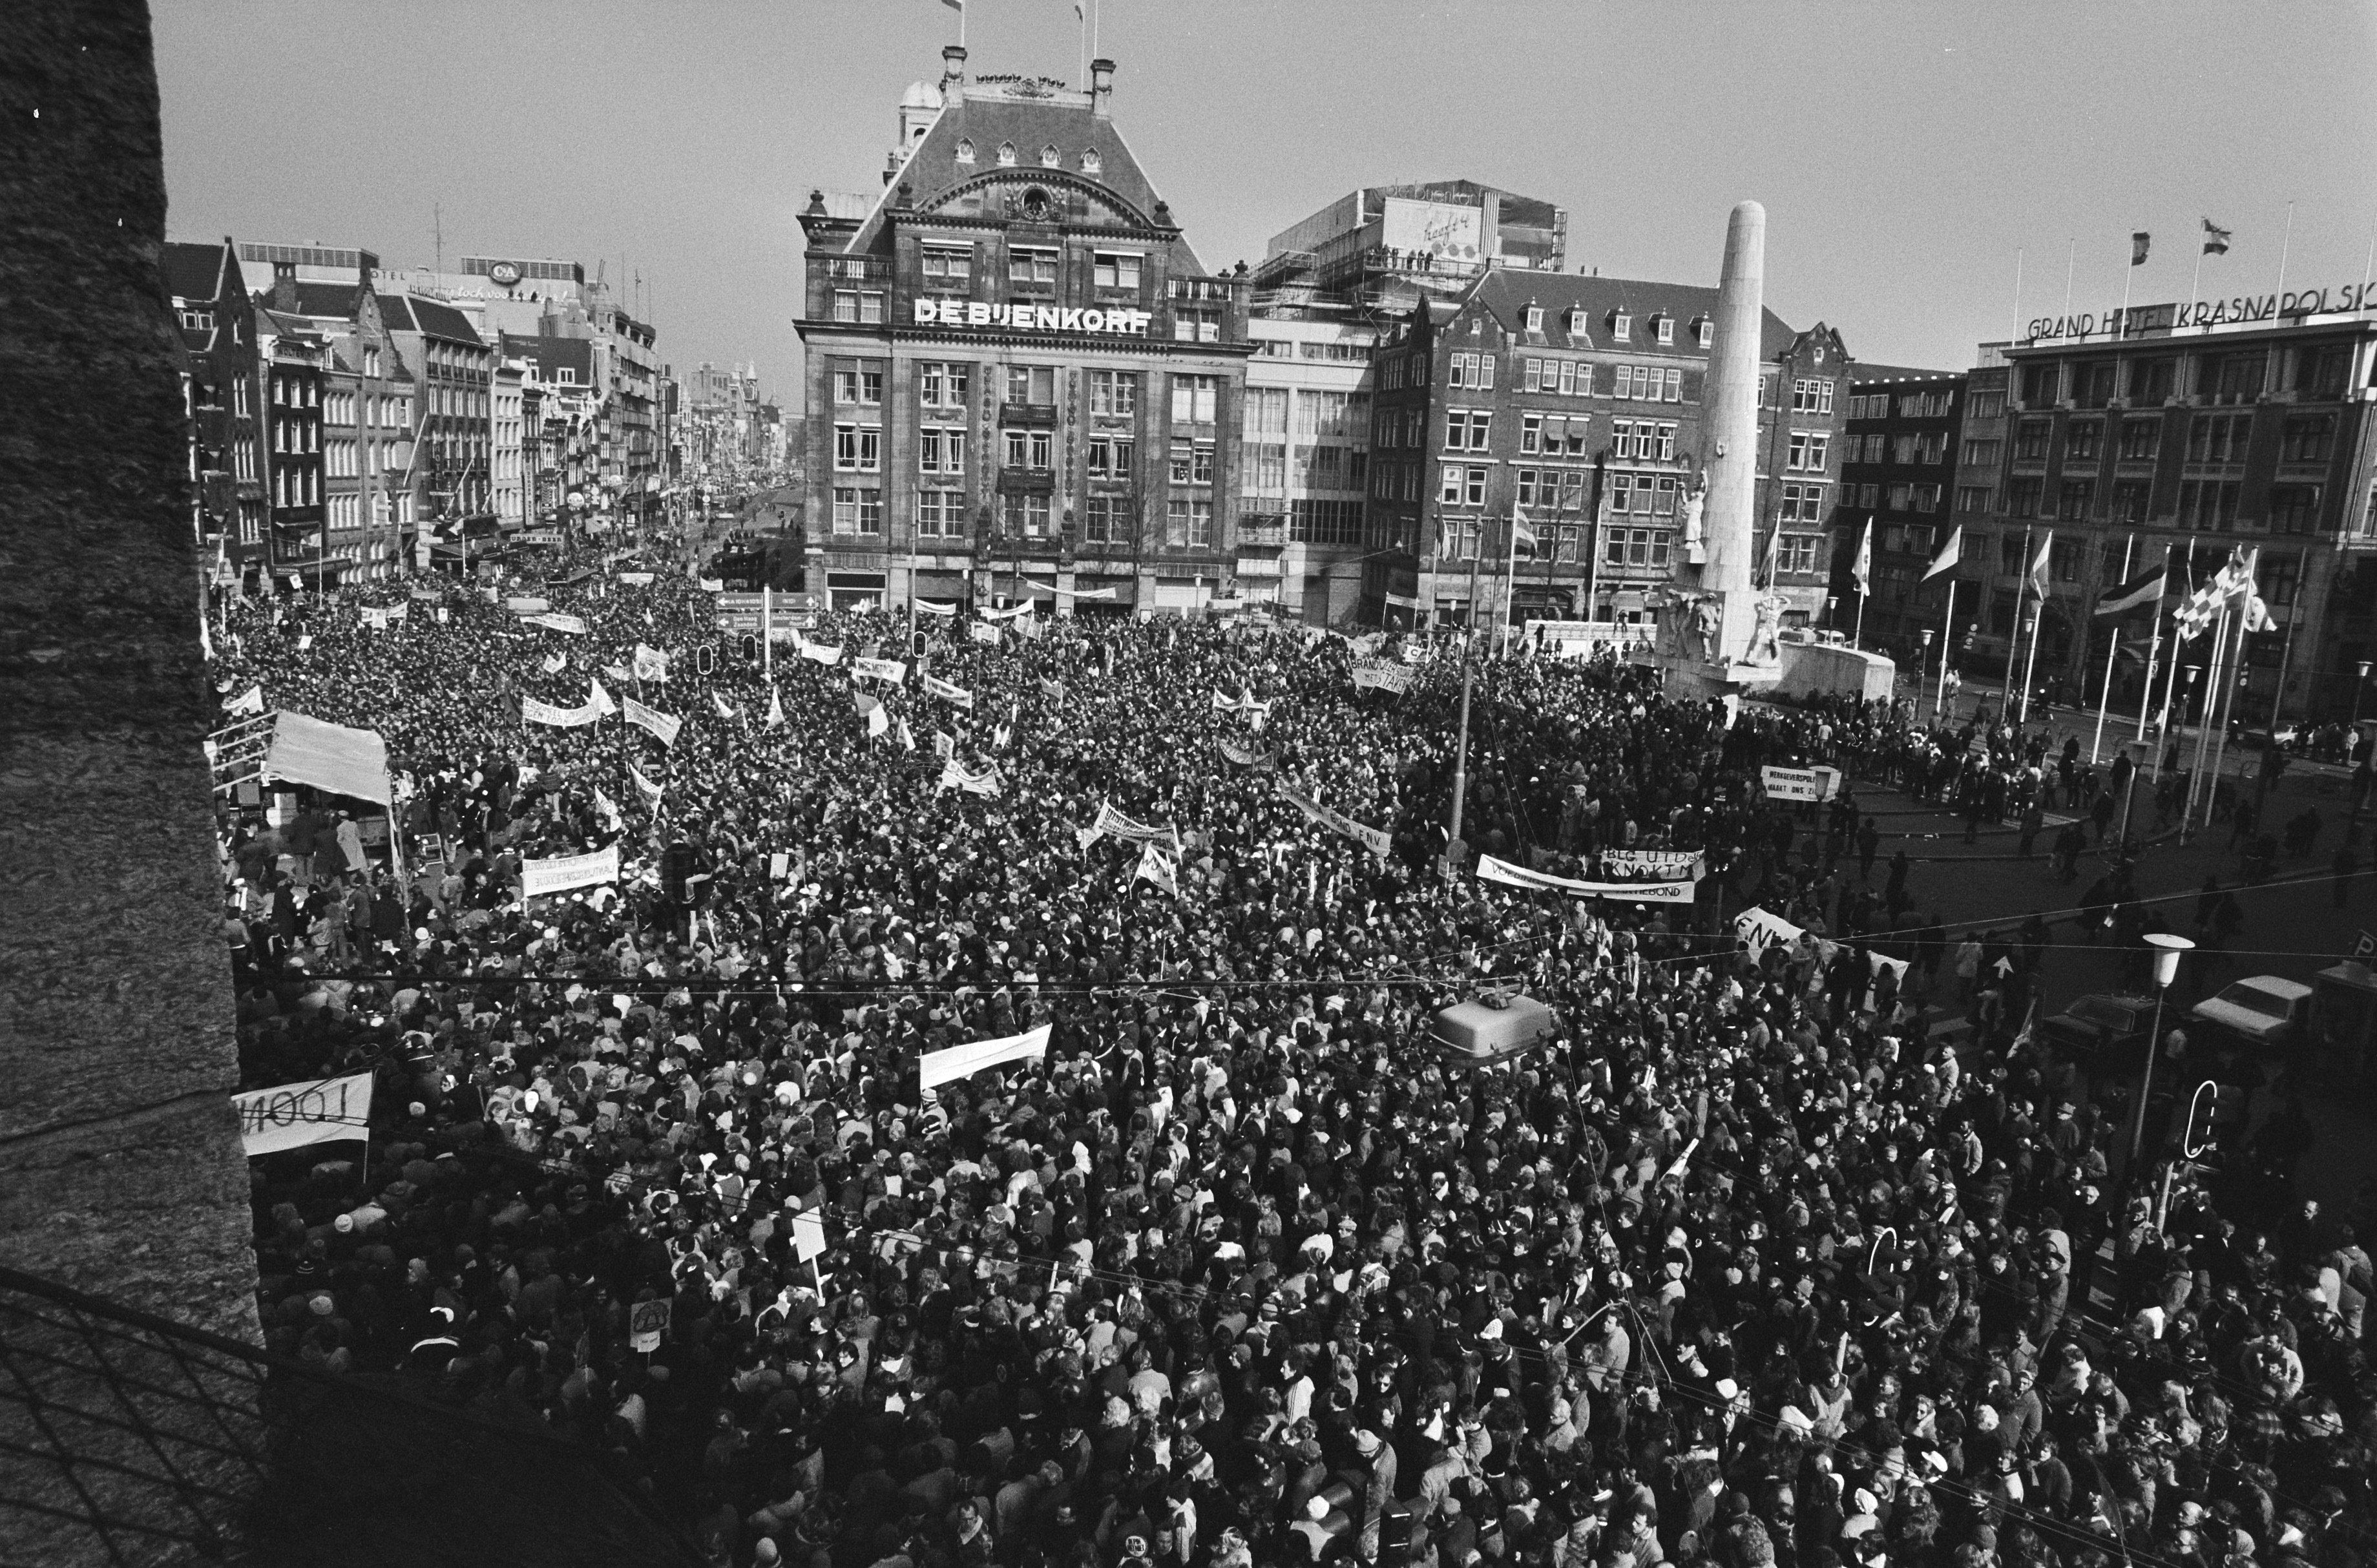 Beeld van een grote demonstratie op de Dam in de jaren '70